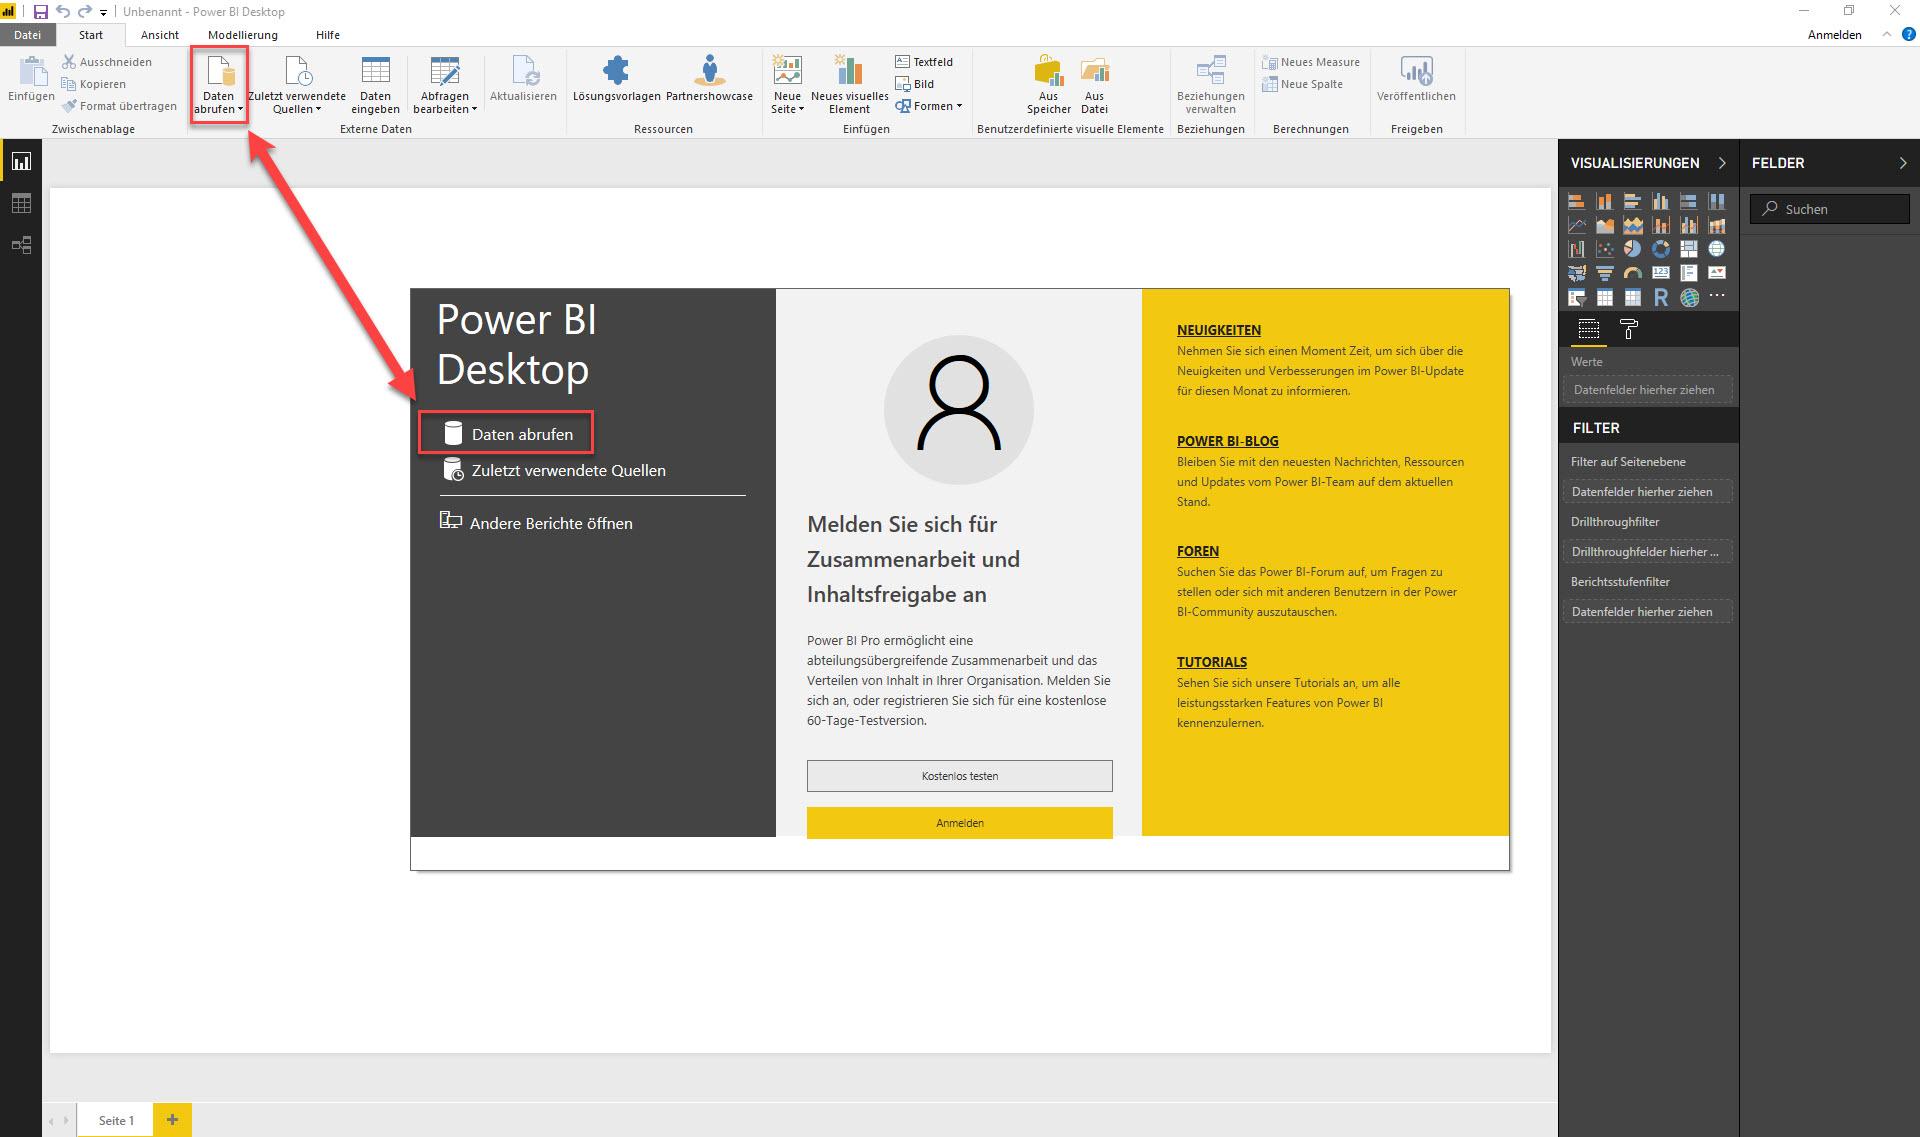 myfactory als Datenquelle: Die REST API für die Microsoft PowerBI-Auswertung nutzen 2